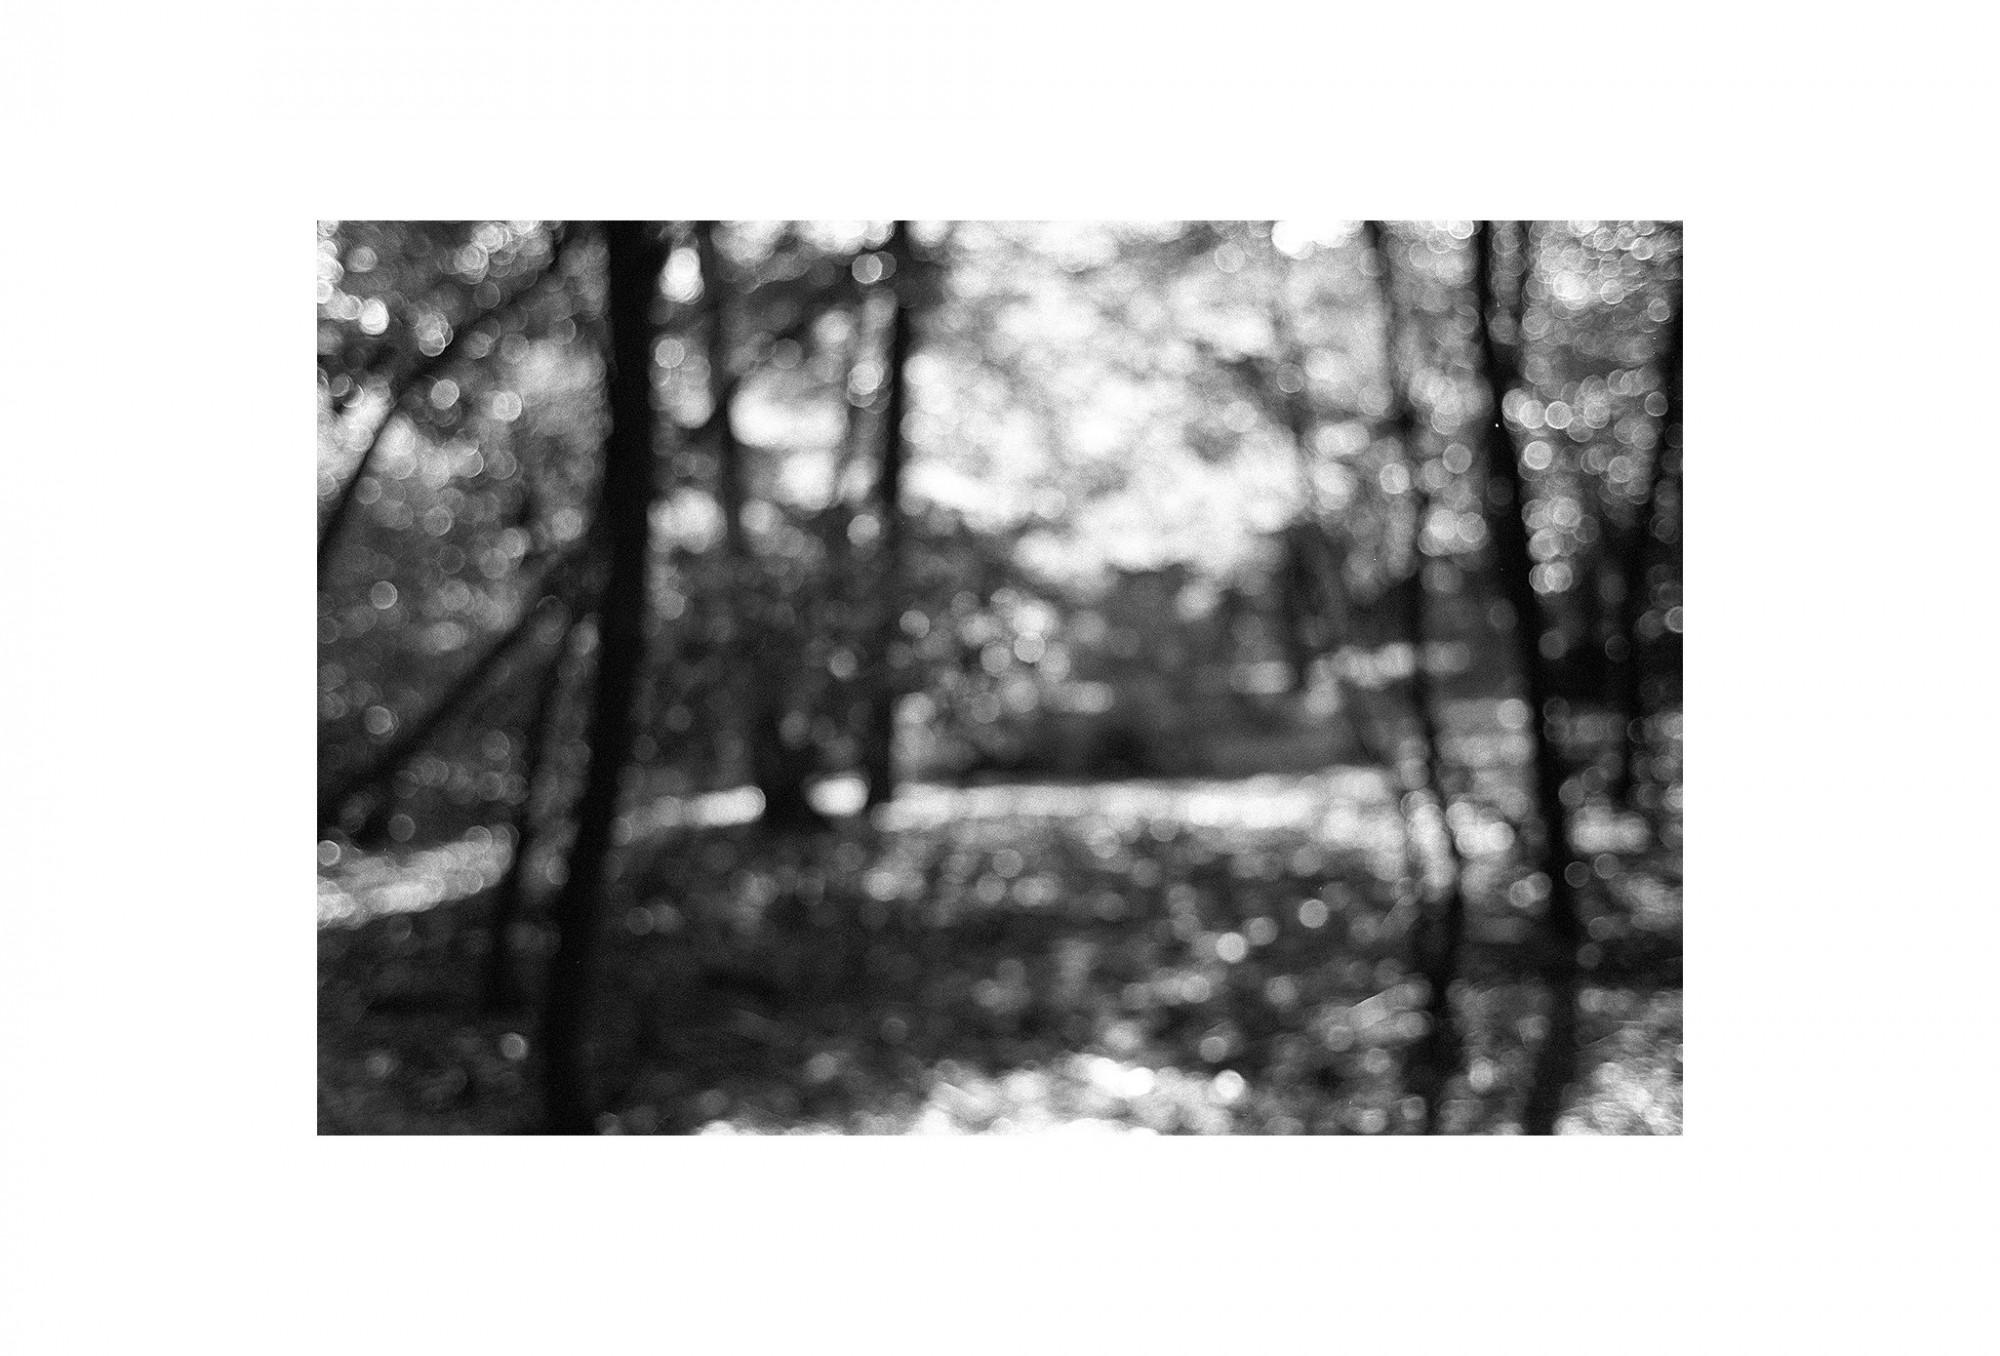 Afbeelding: Uit de reeks: Bomen en het licht daarom heen. - nr. 96-48-16, fotokunst Dominique Van Huffel.